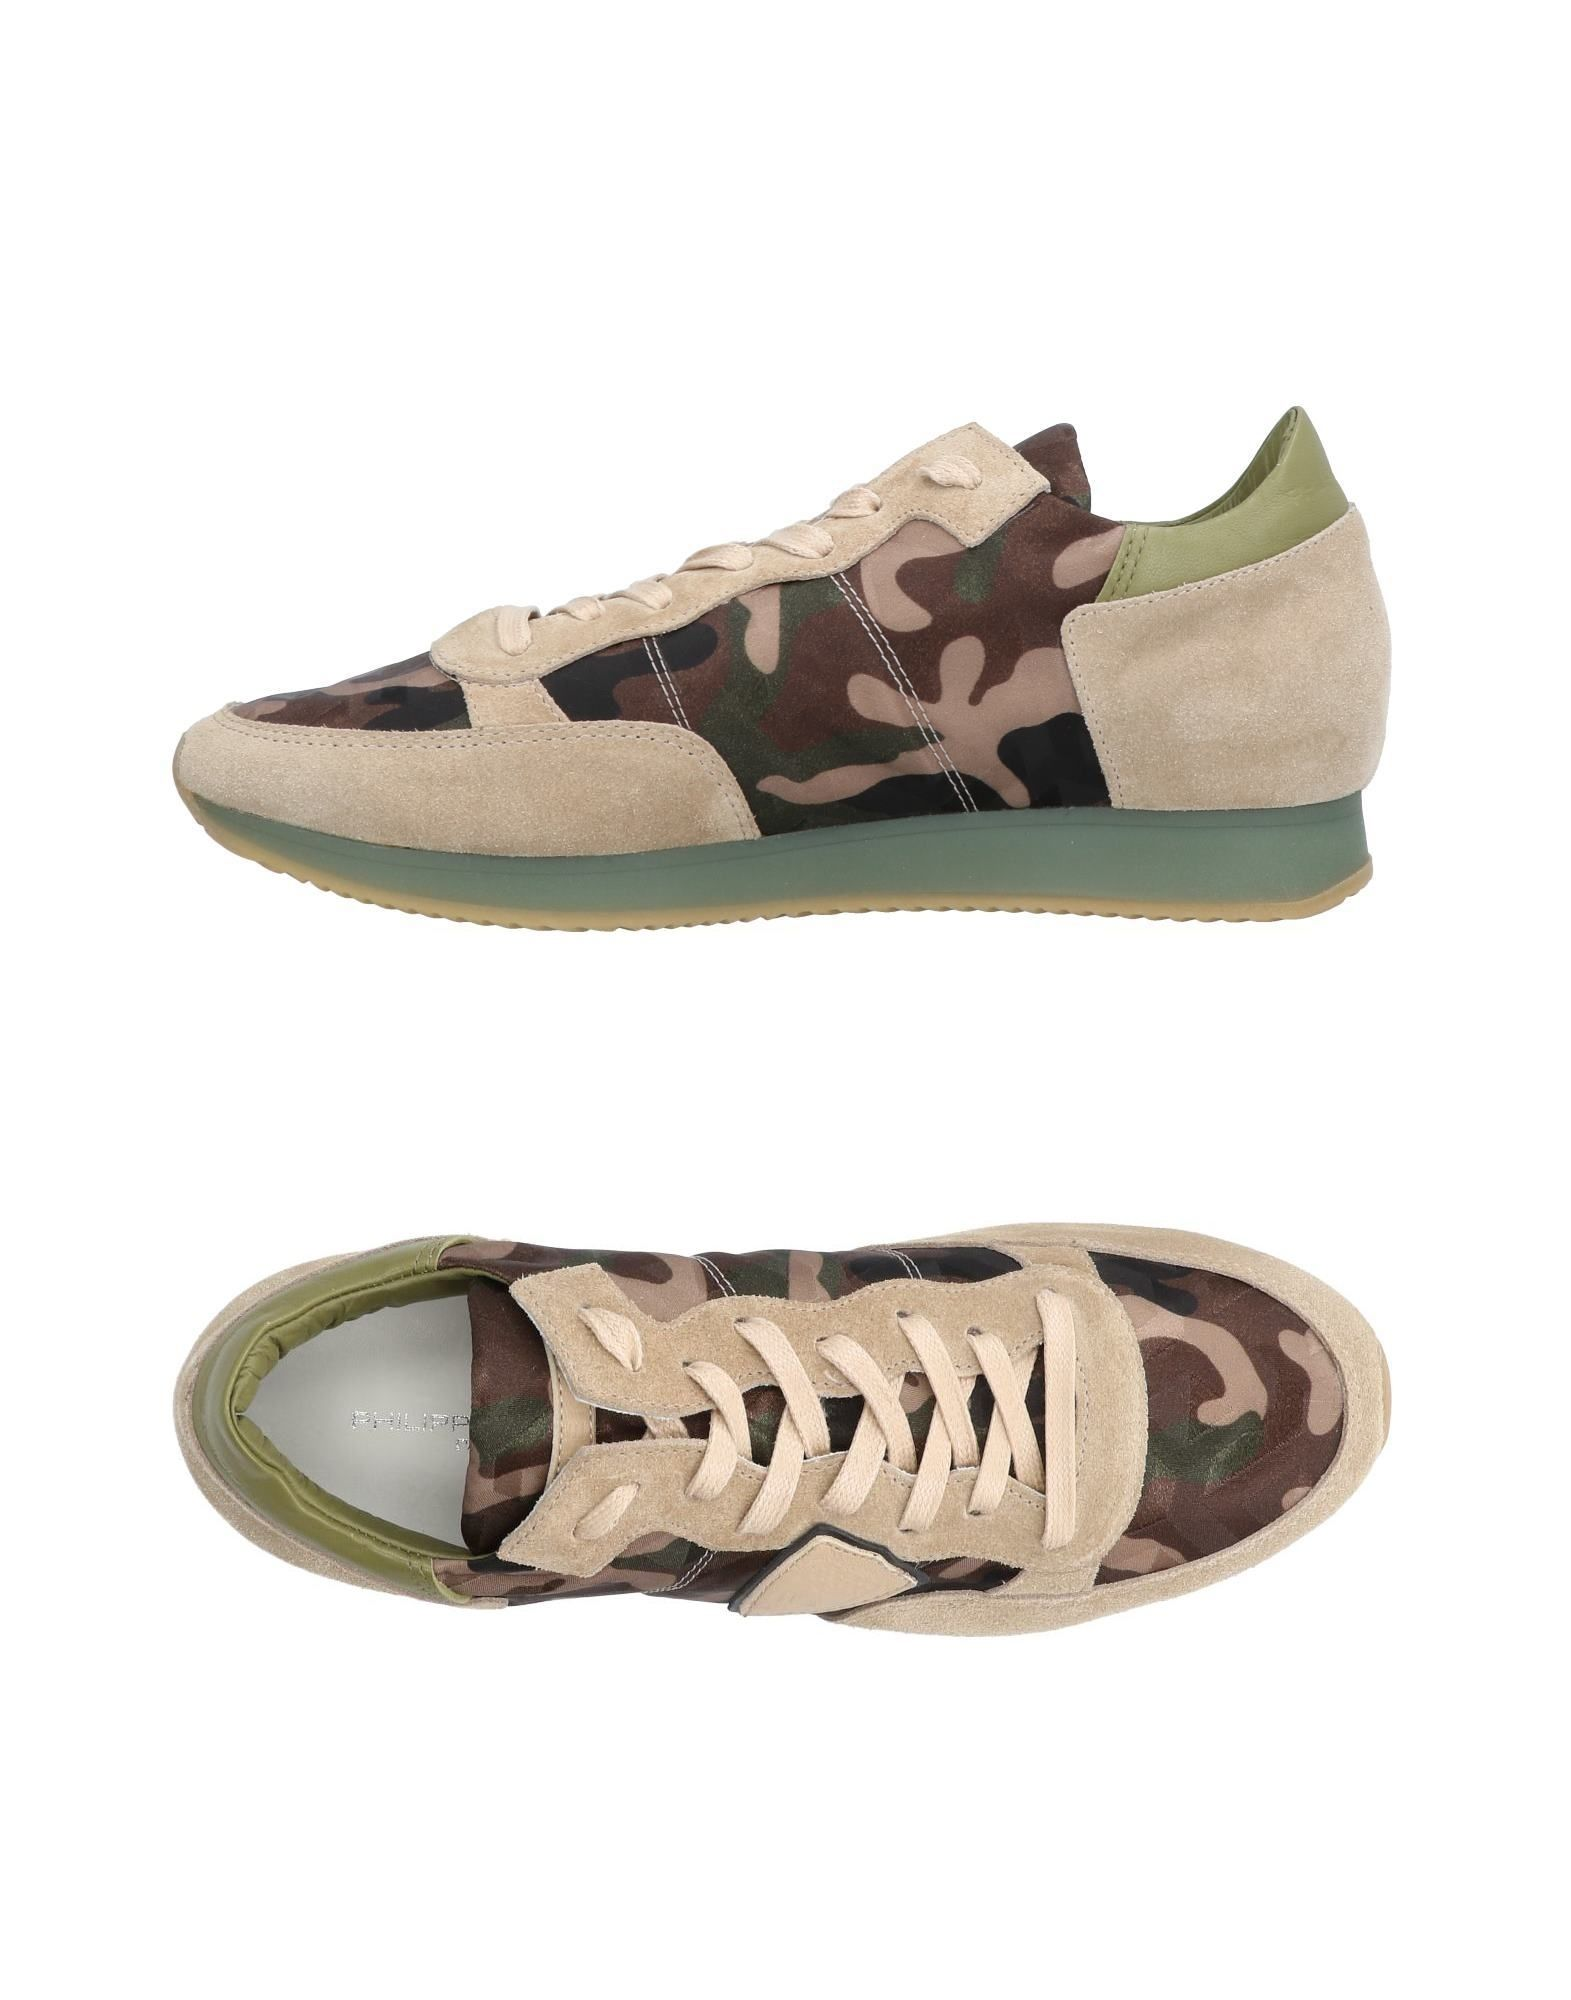 Philippe Herren Model Sneakers Herren Philippe  11456195TF eed497